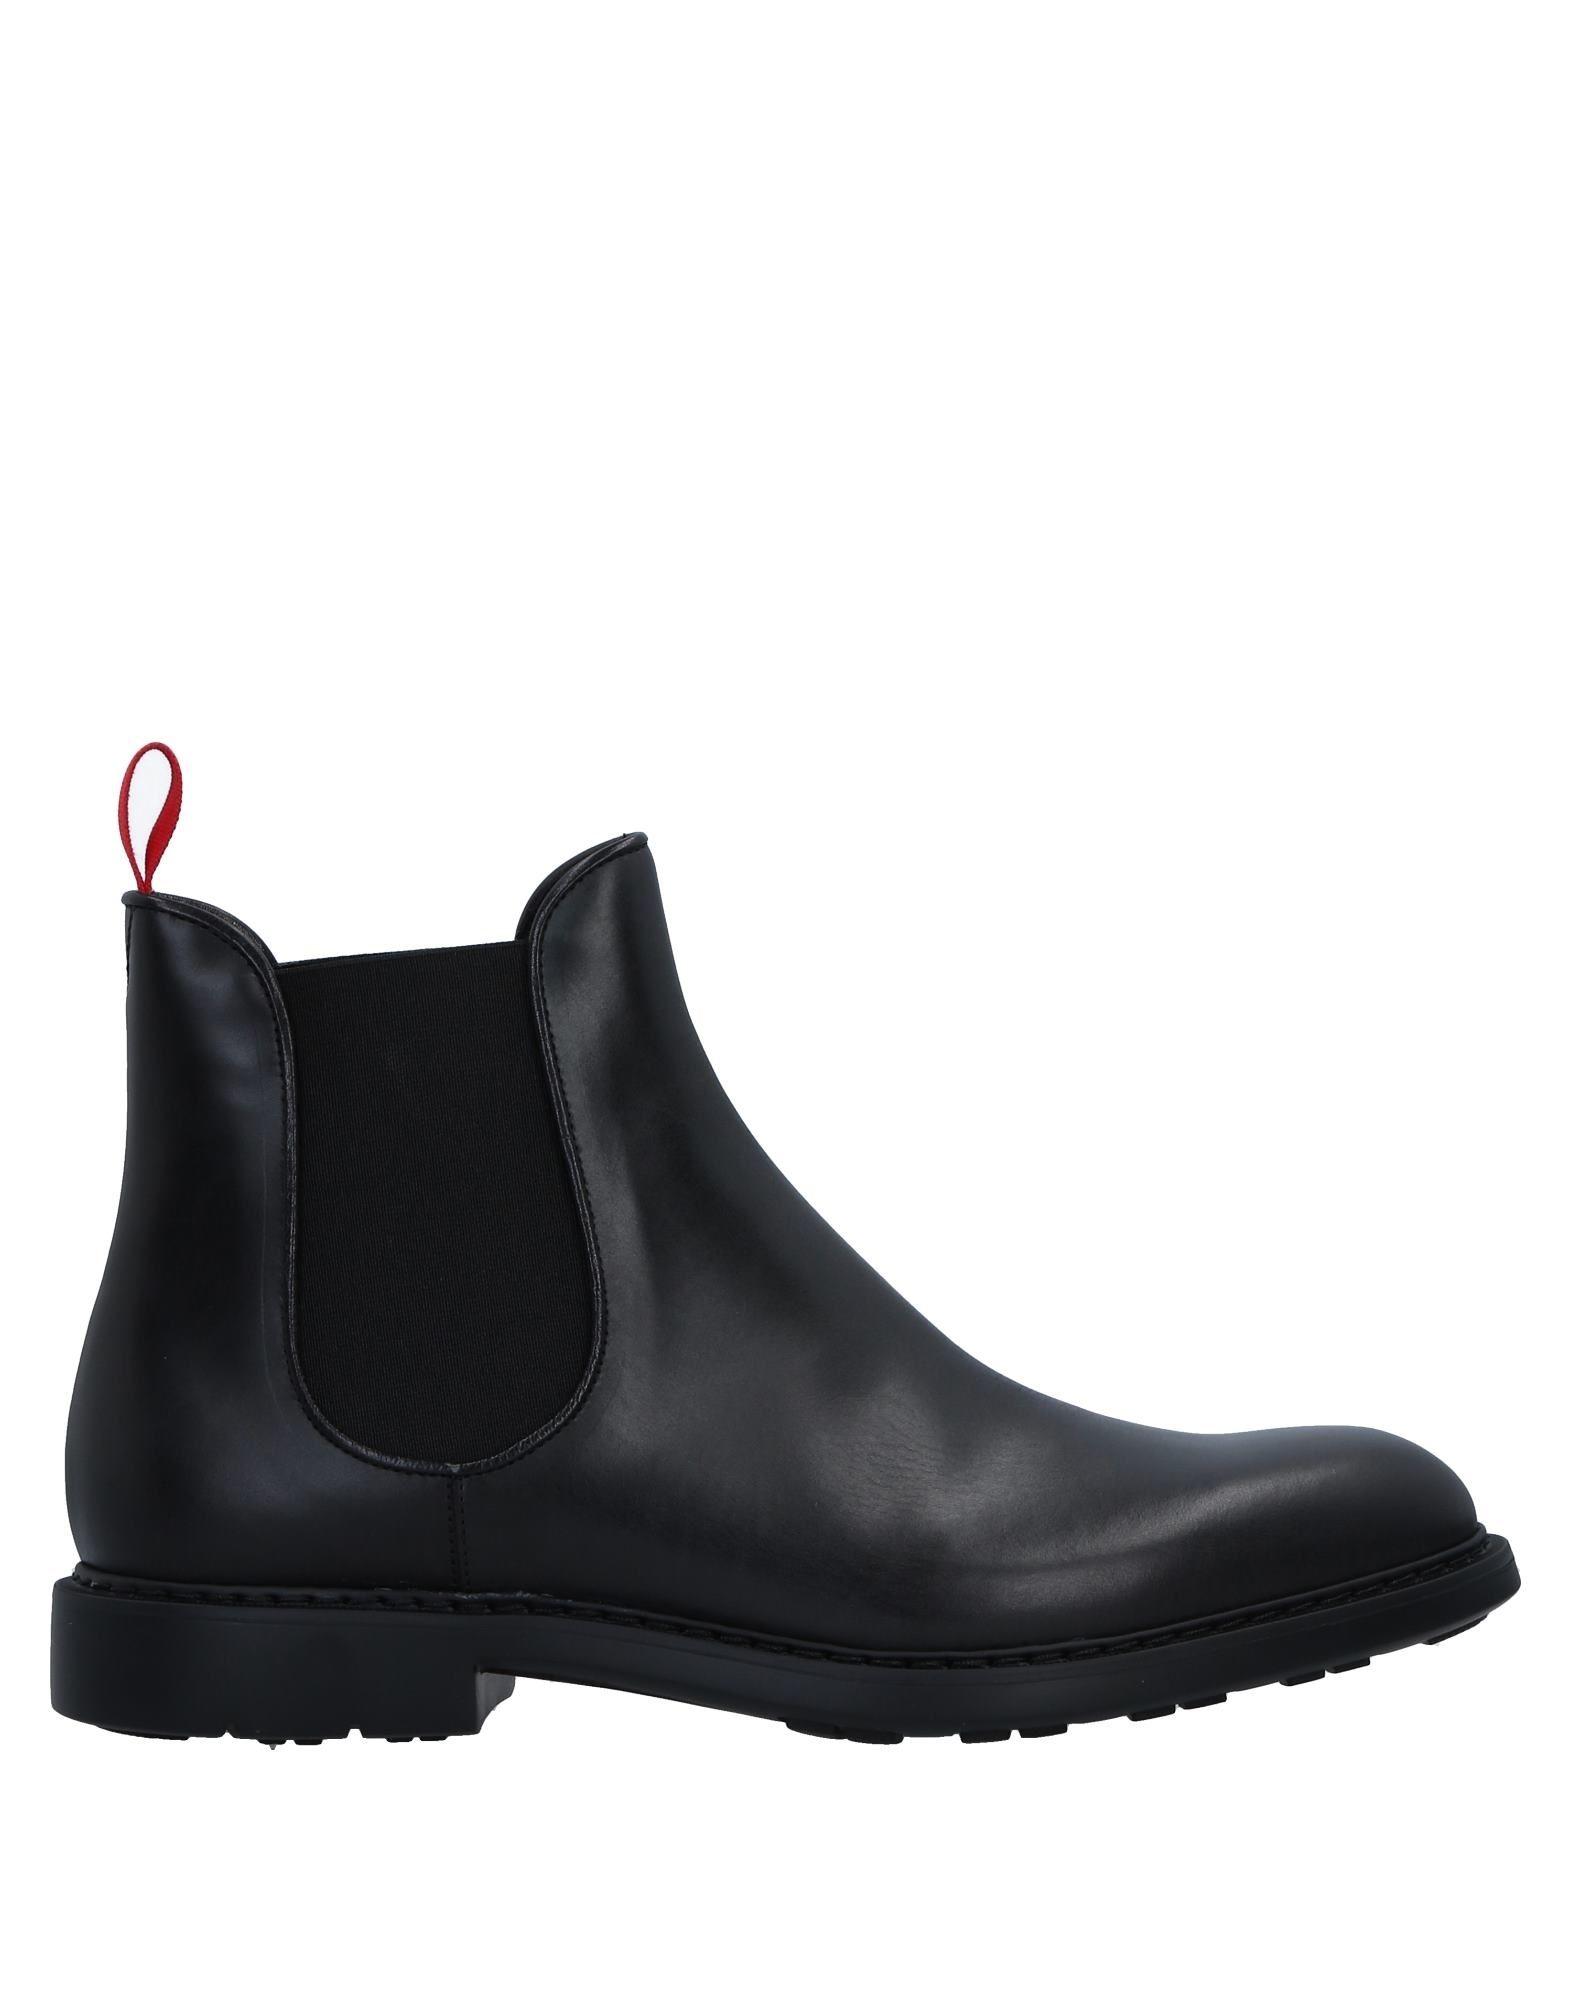 Fabi Stiefelette Herren  11543126KC Gute Qualität beliebte Schuhe